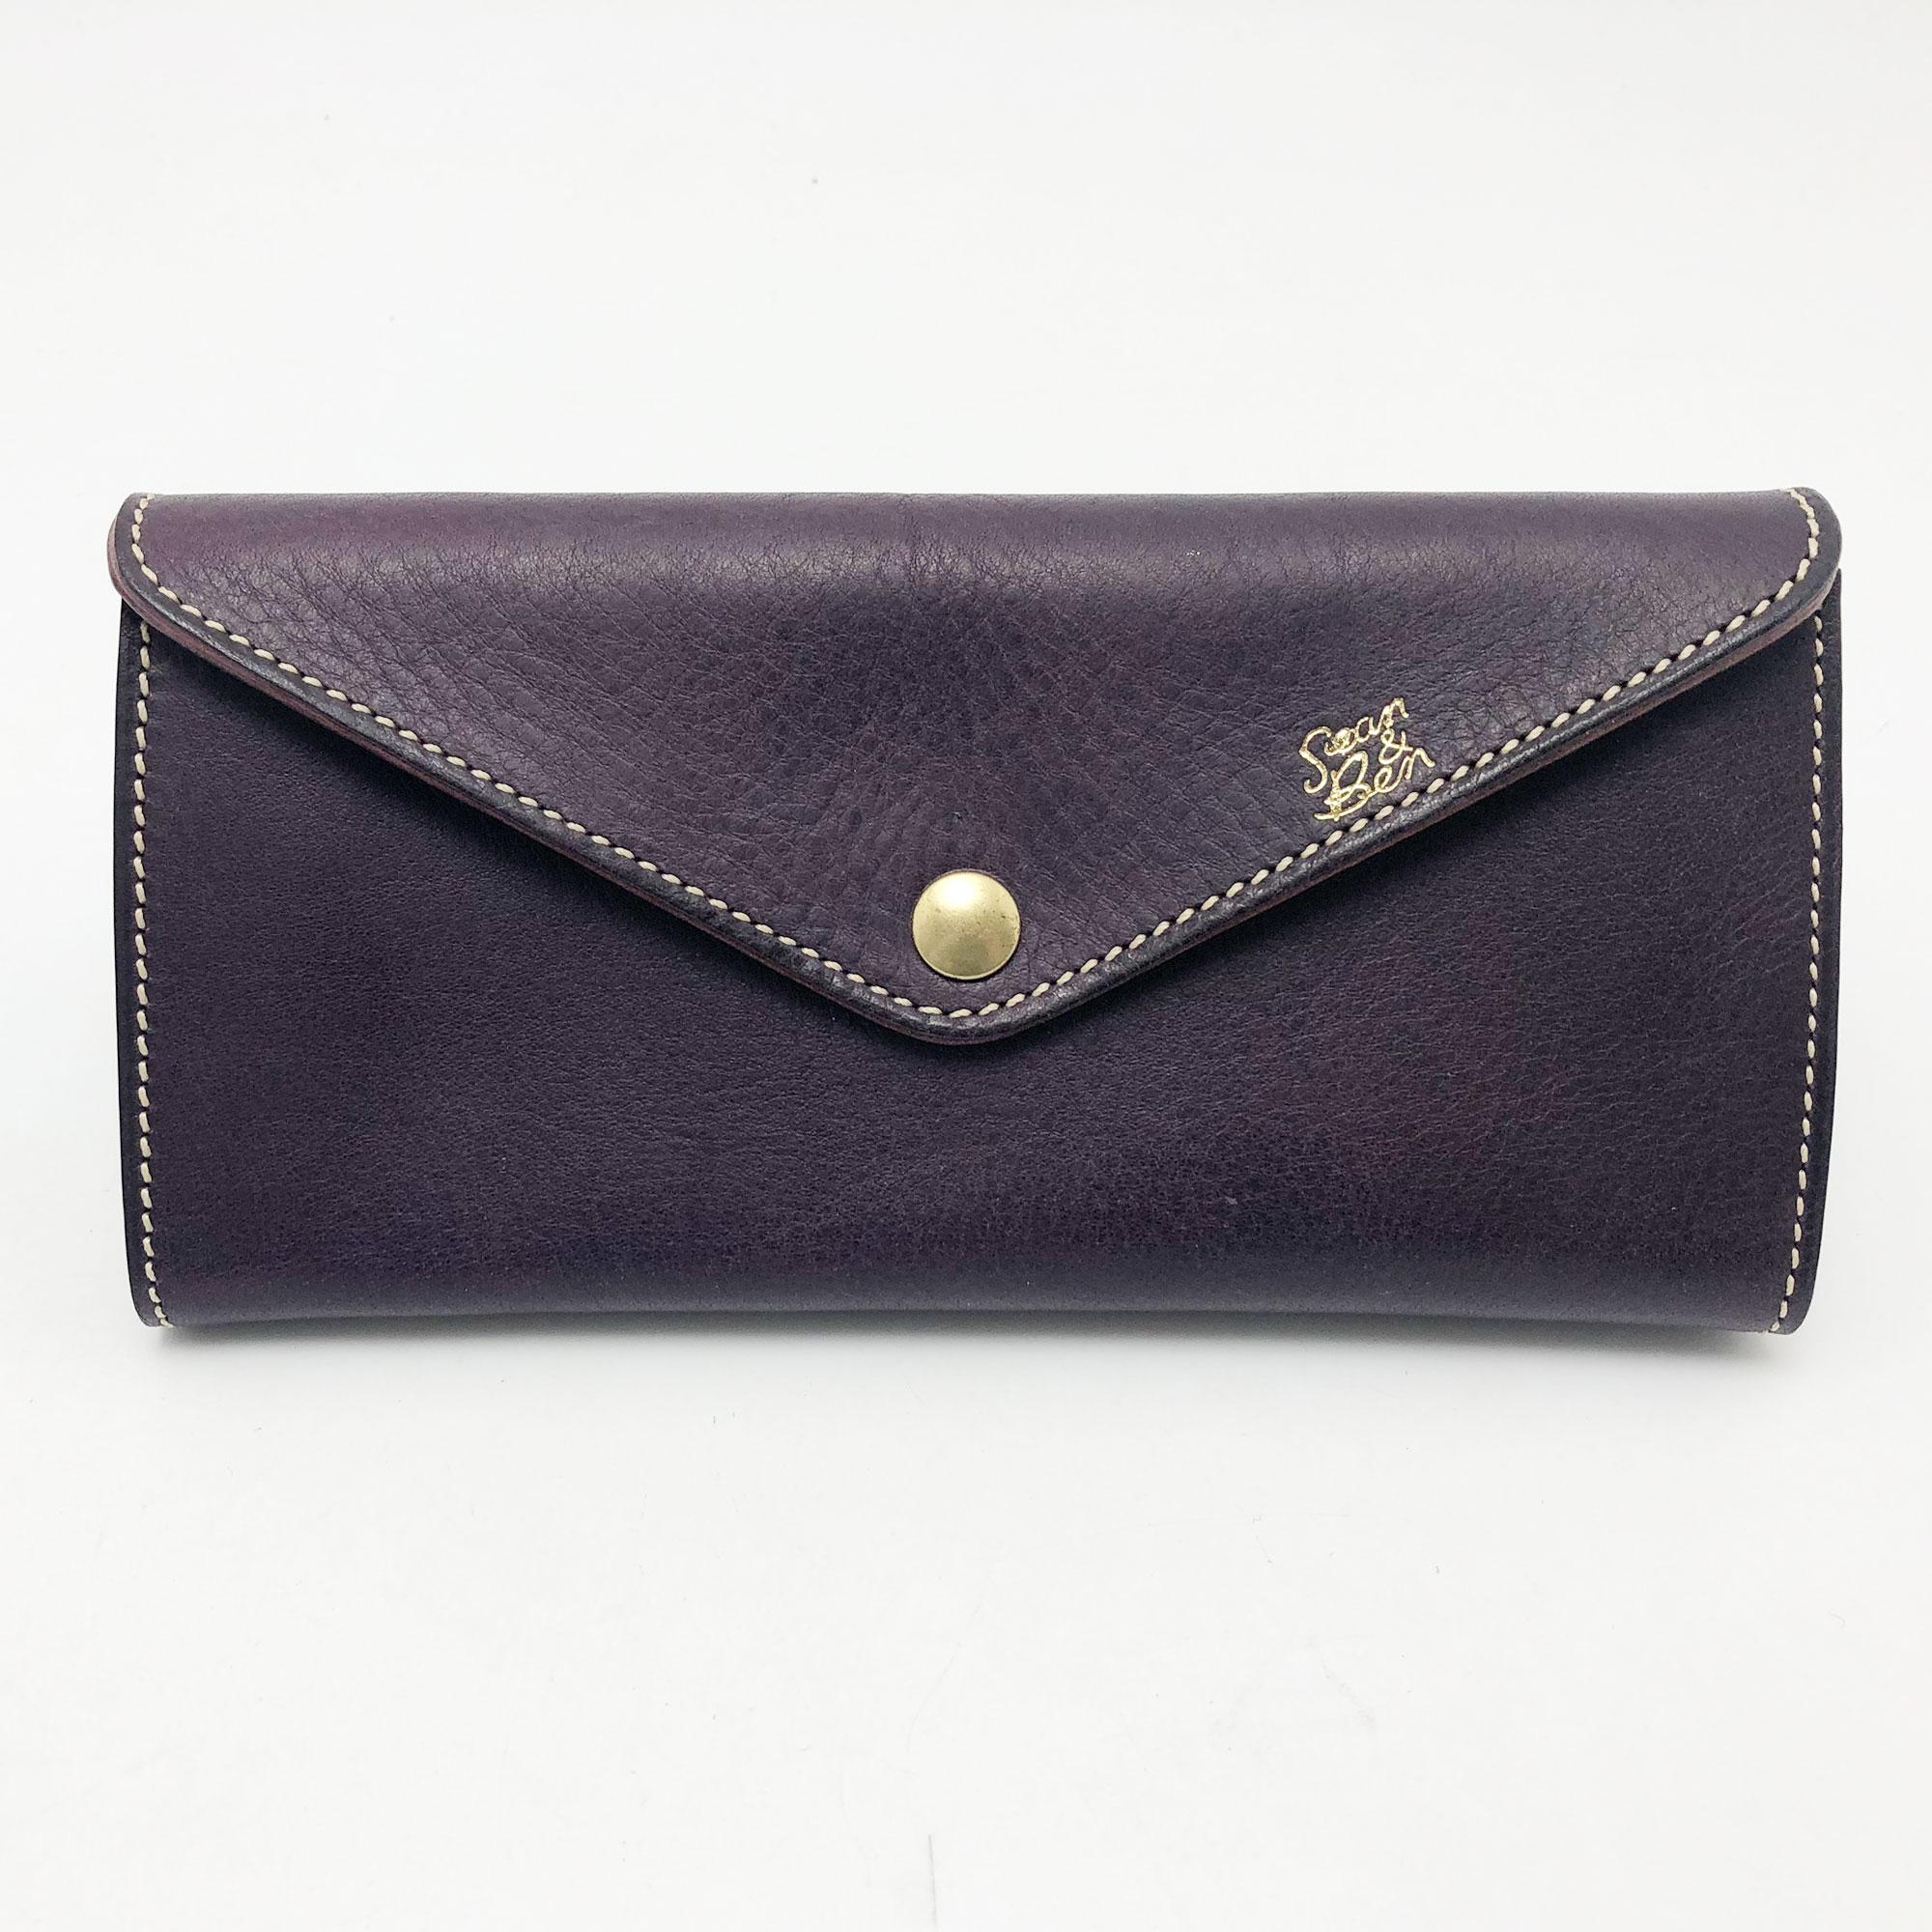 スマホも入る!バッグ要らずの収納スペース。 これ一つで出かけられる クラッチバッグ?財布です。